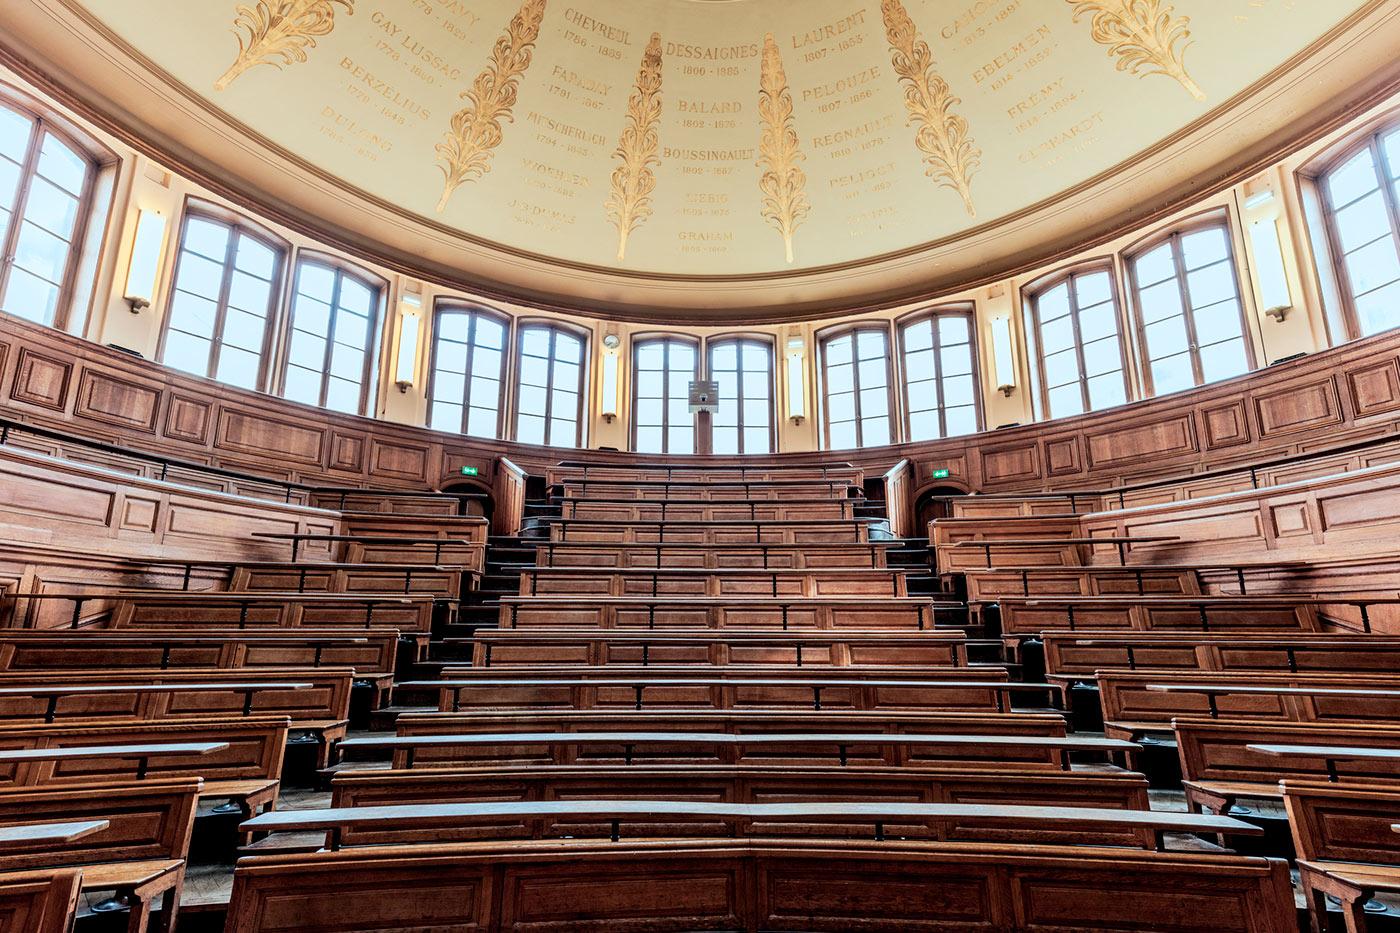 La Sorbonne, Paris - Photography Inspiration by Ludwig Favre